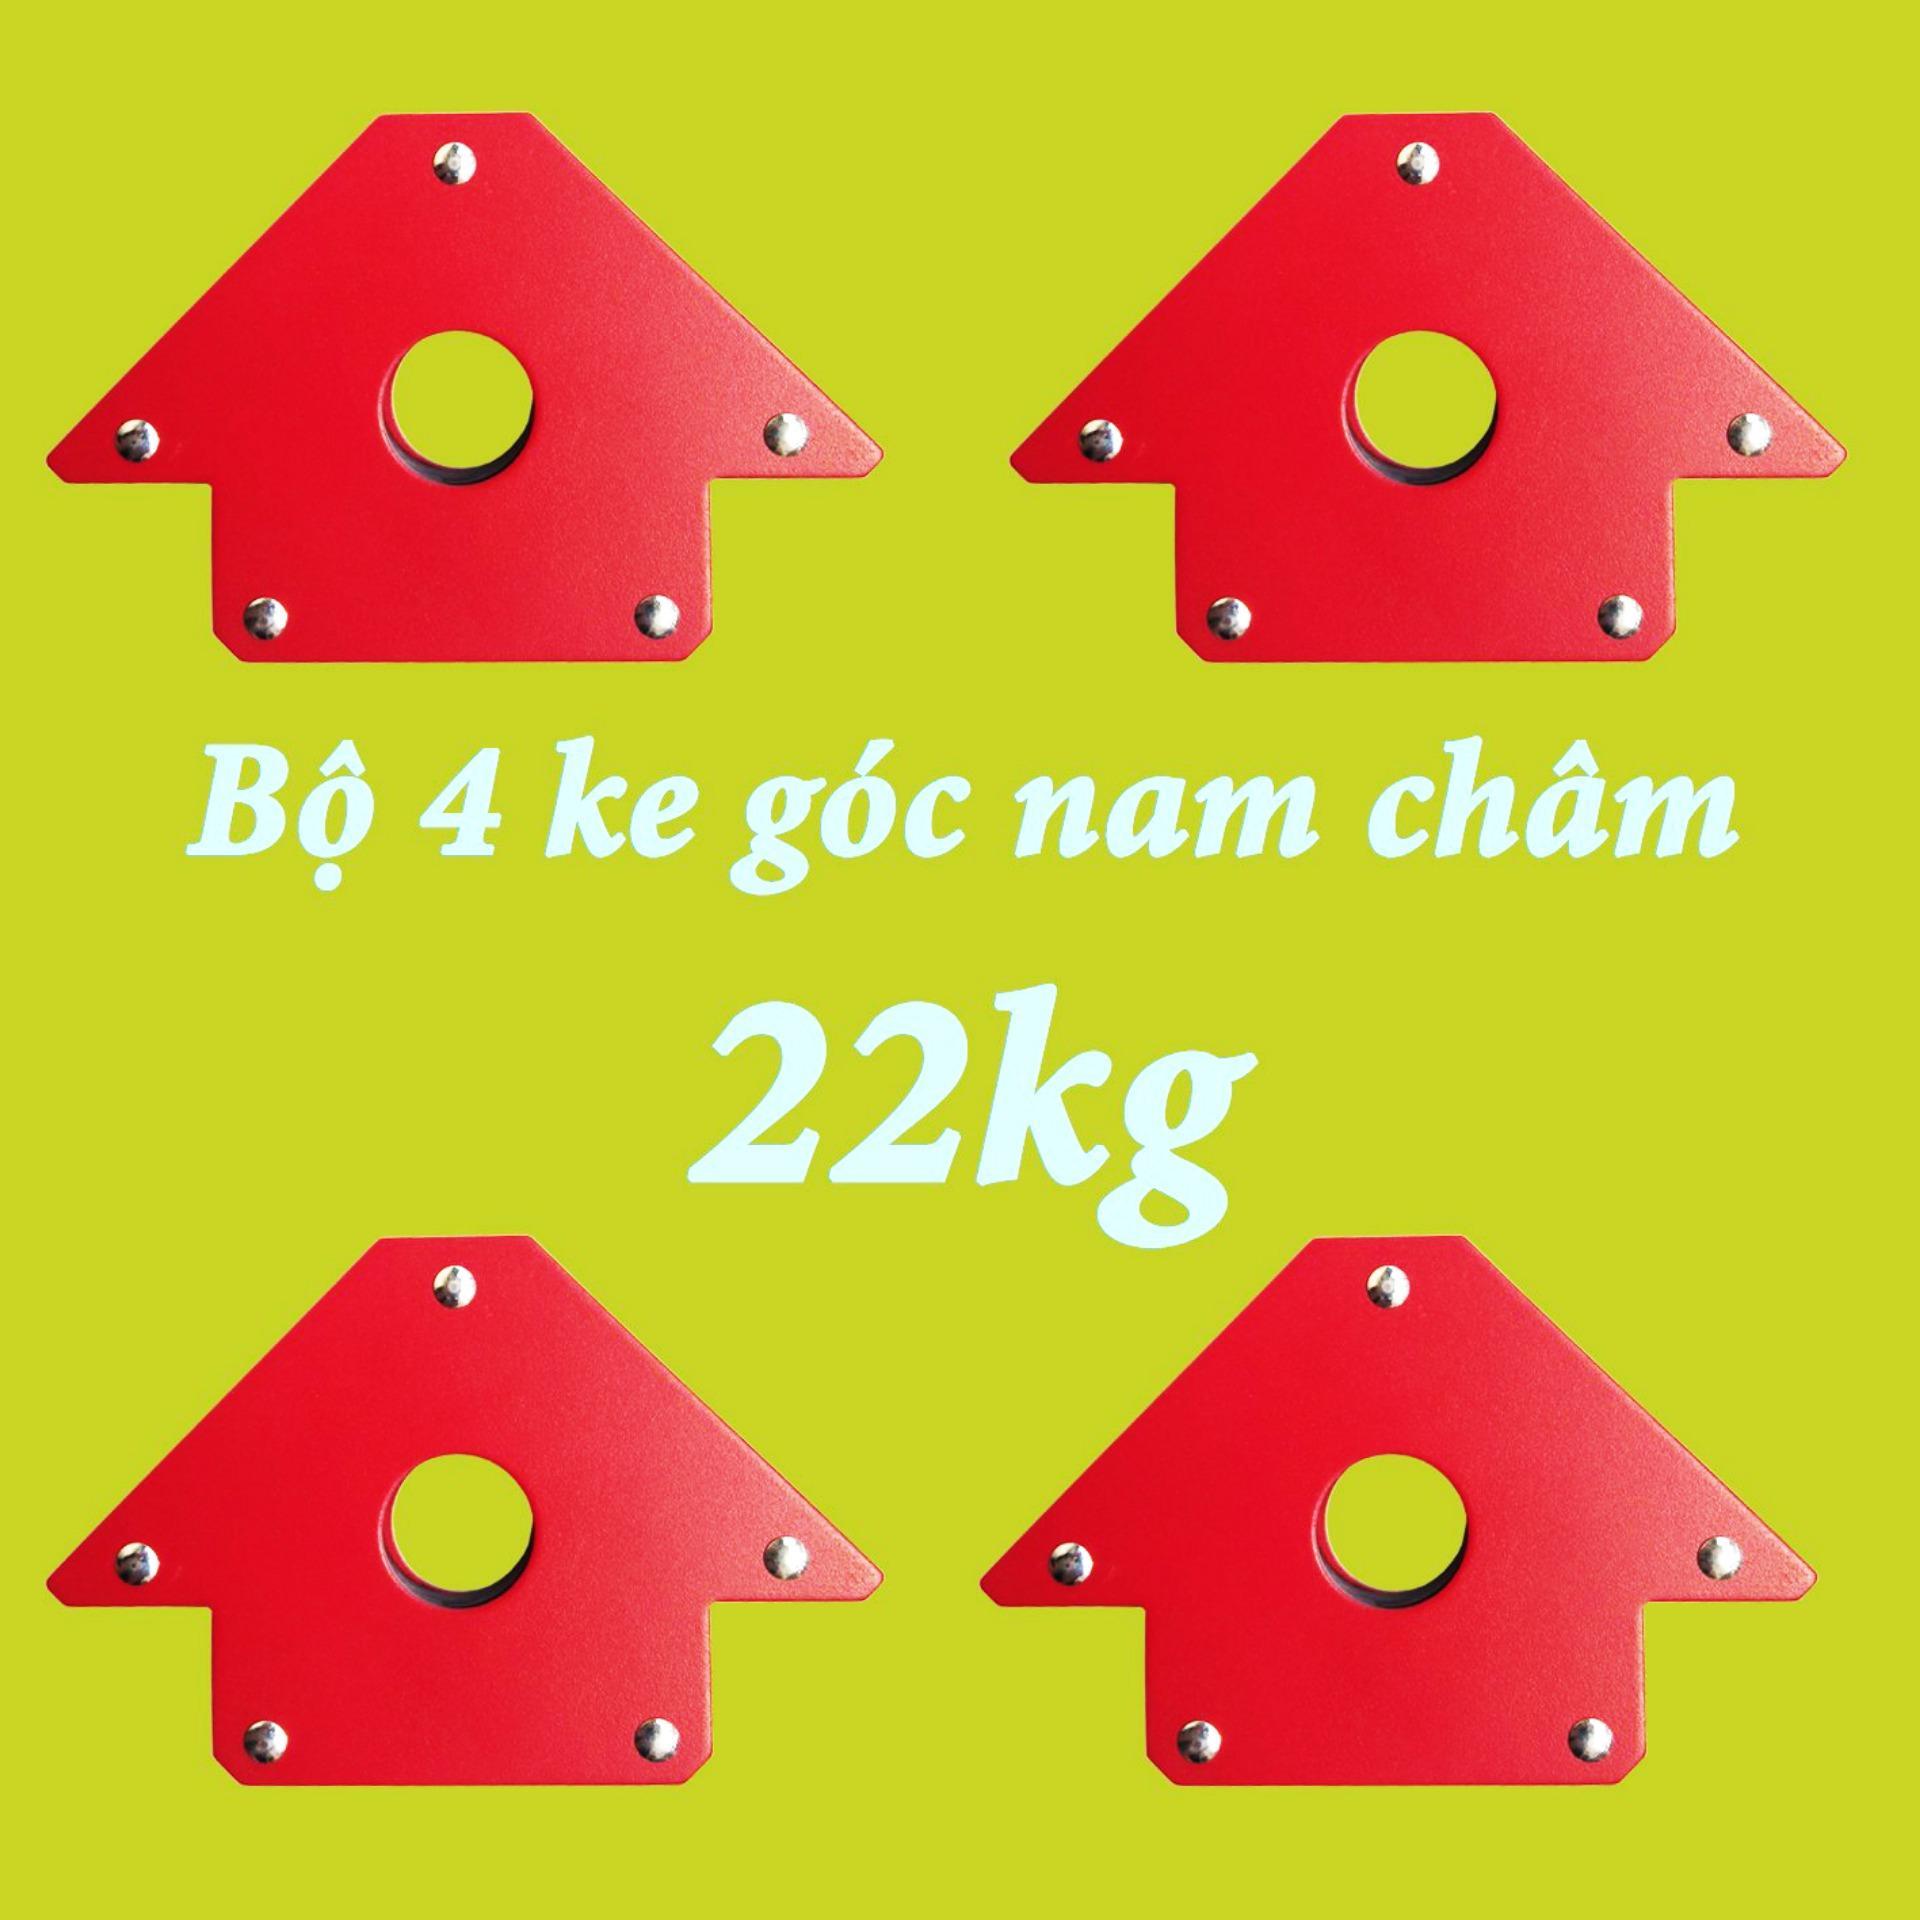 Bộ 4 sản phẩm ke góc nam châm lực hút 22kg - phụ kiện  máy hàn tig mini